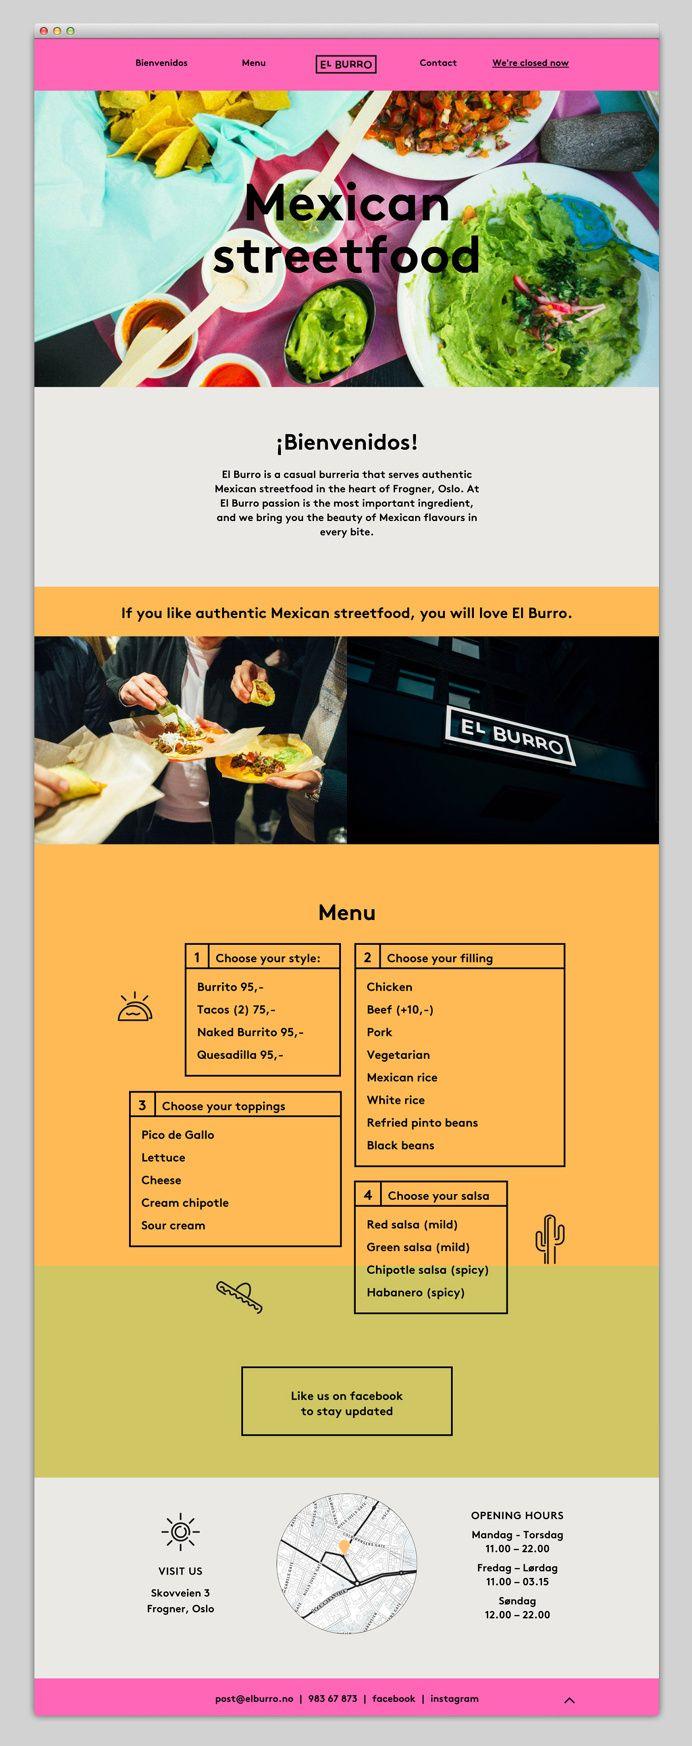 El Burro Restaurant - Web Design - Website, UI, Interaction Design, Menu, Streetfood, Minimal, Graphic, Bright Colors, Bright Photos, Images,